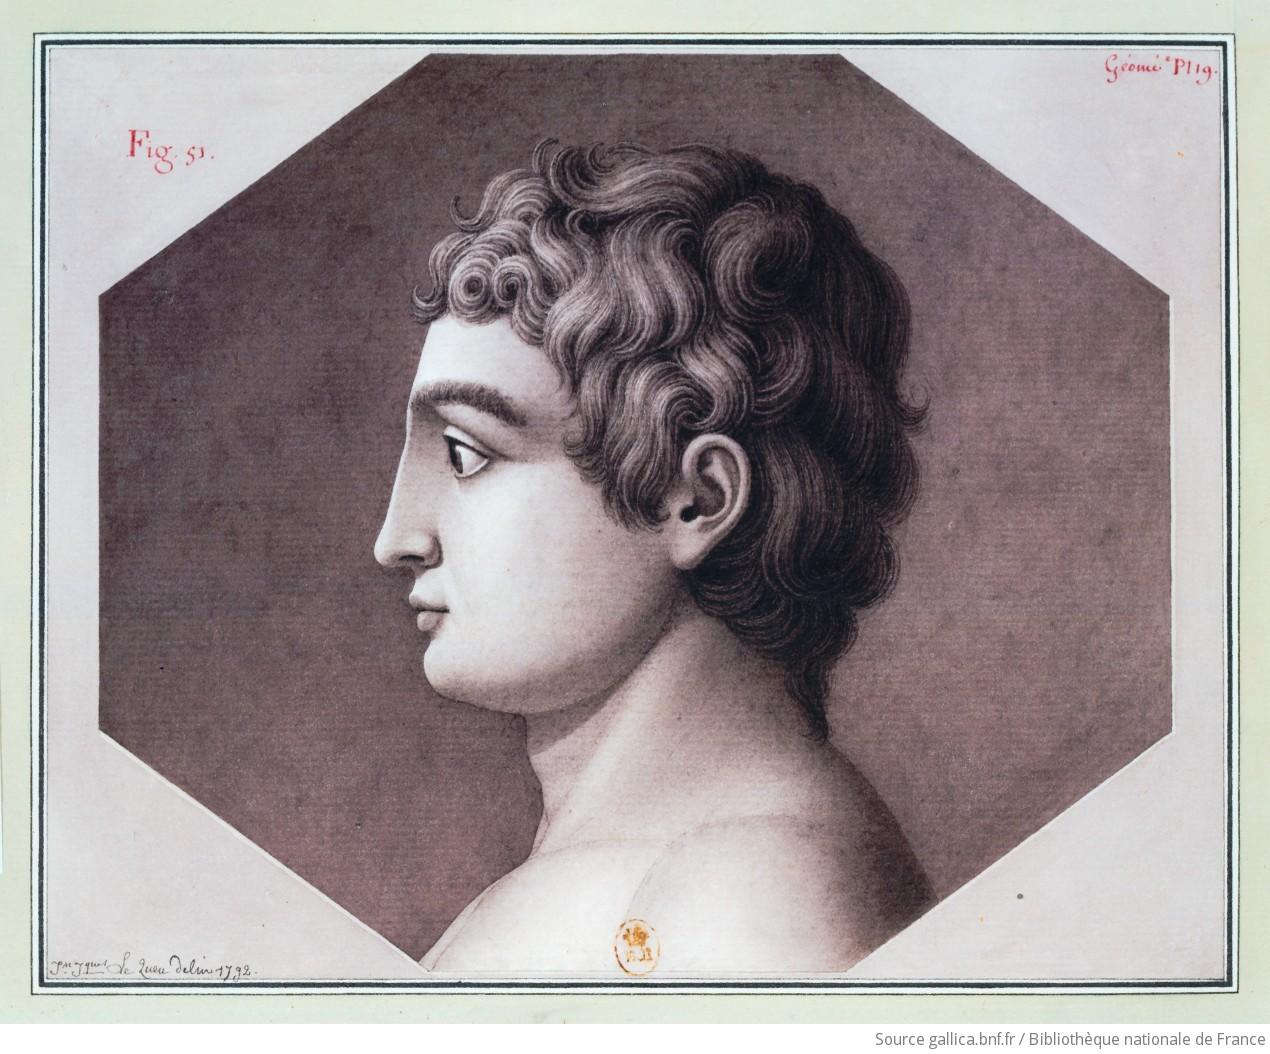 [Tête, vue de profil] : [dessin] / Jn Jques Le Queu delin. 1792 - 1